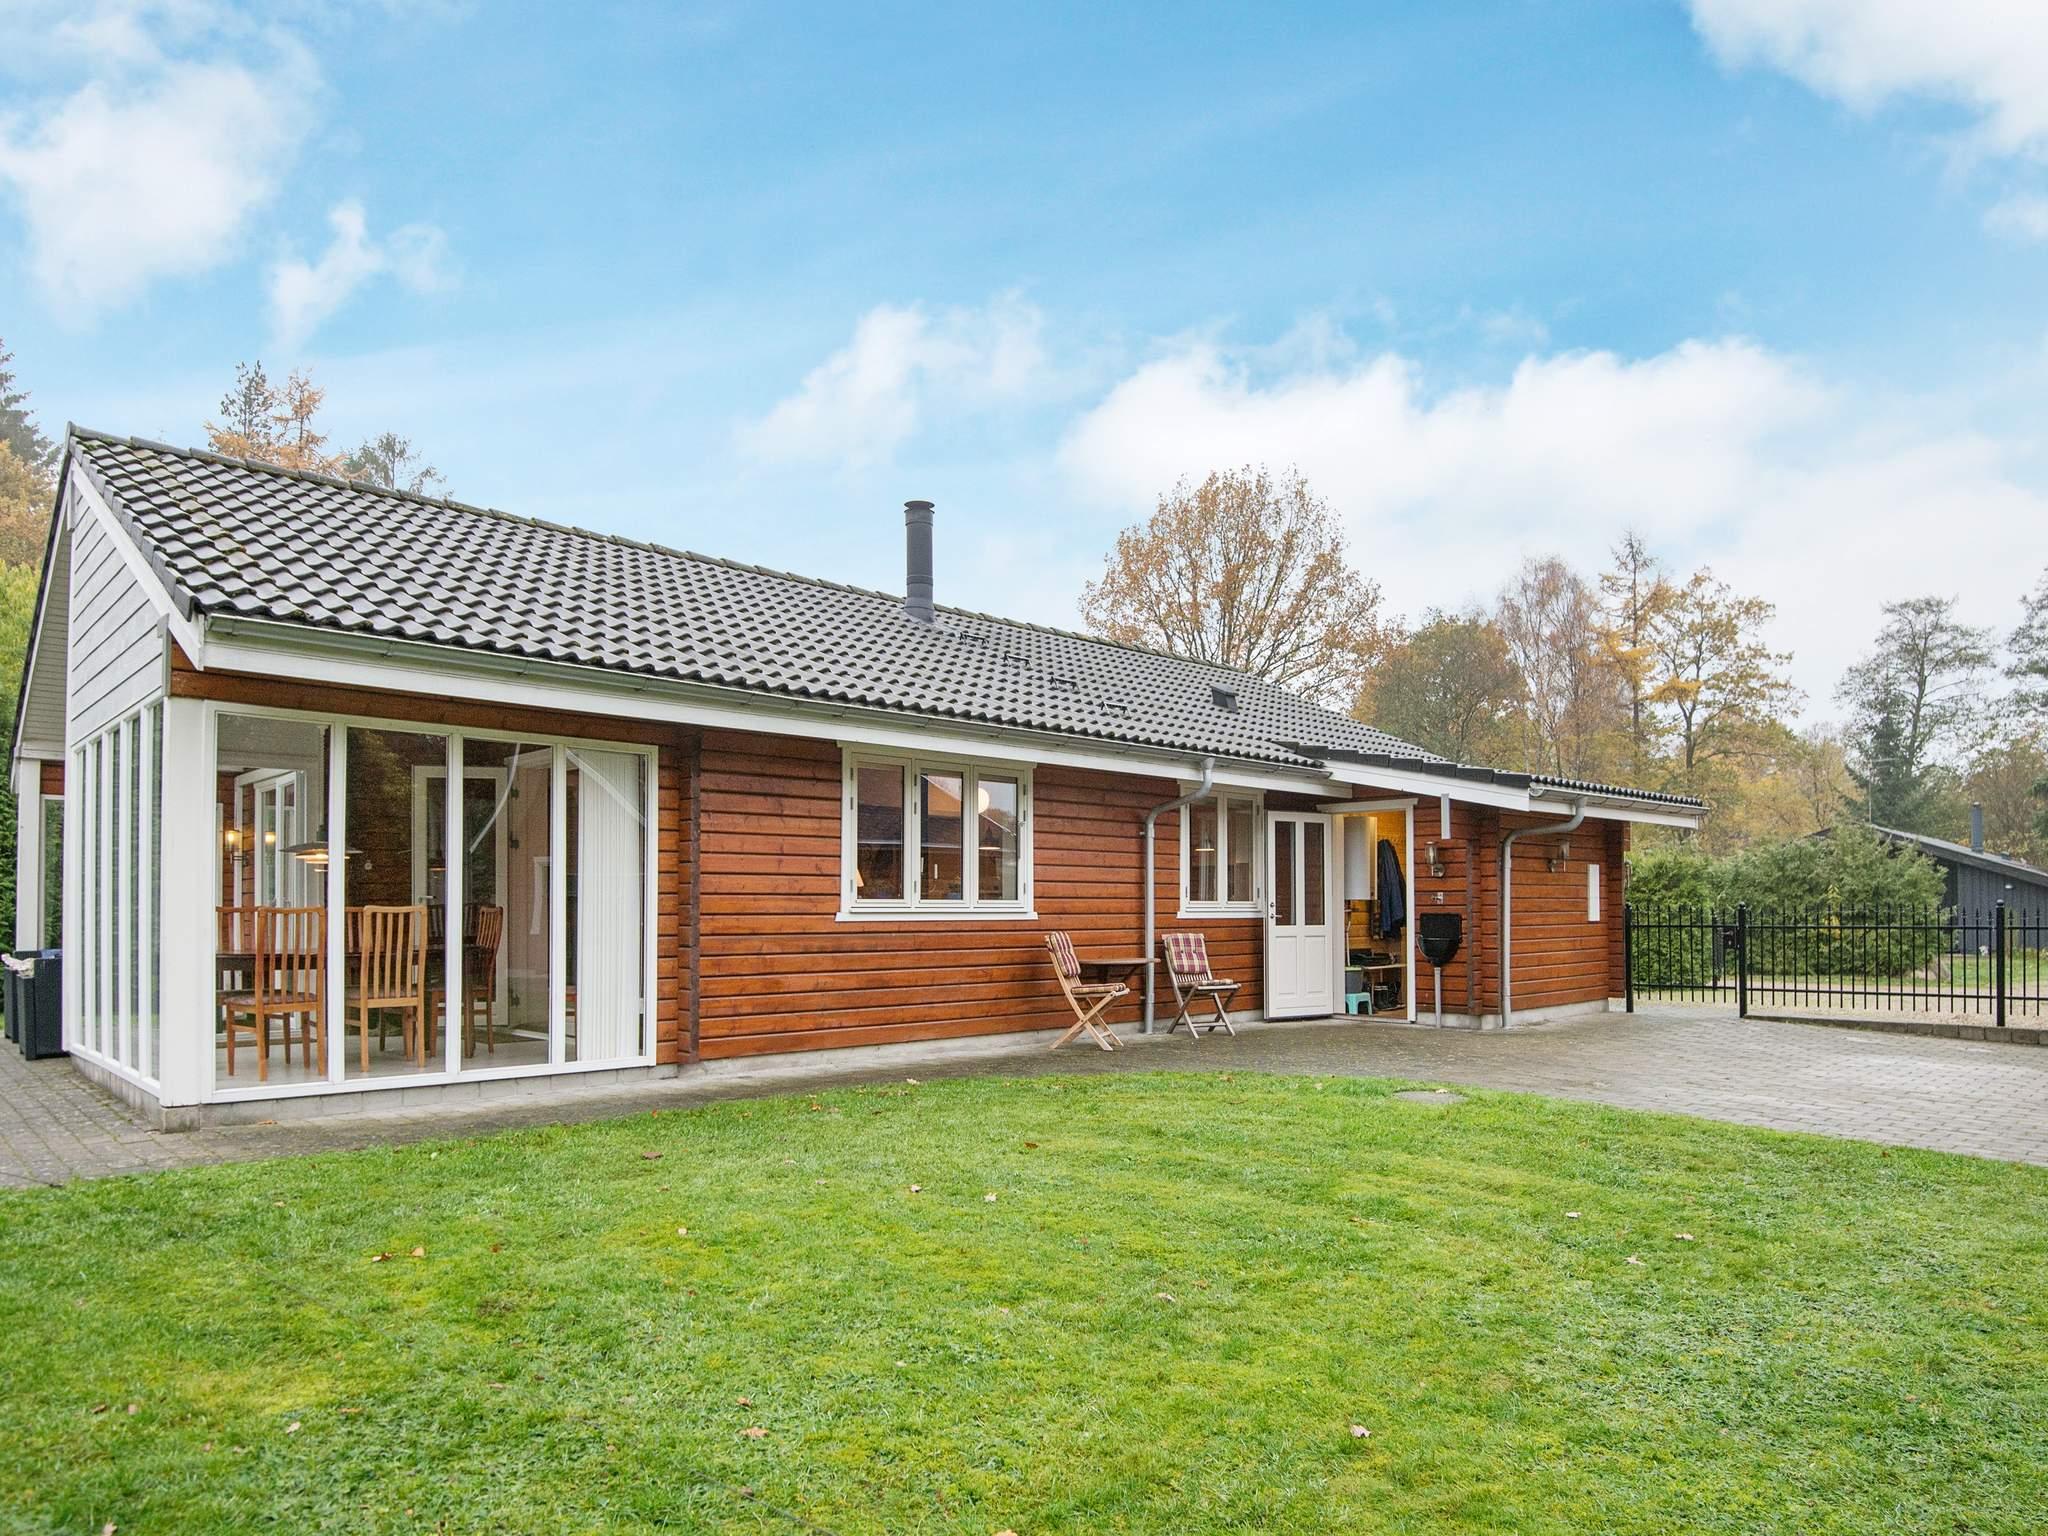 Ferienhaus Silkeborg (2523712), Silkeborg, , Ostjütland, Dänemark, Bild 13